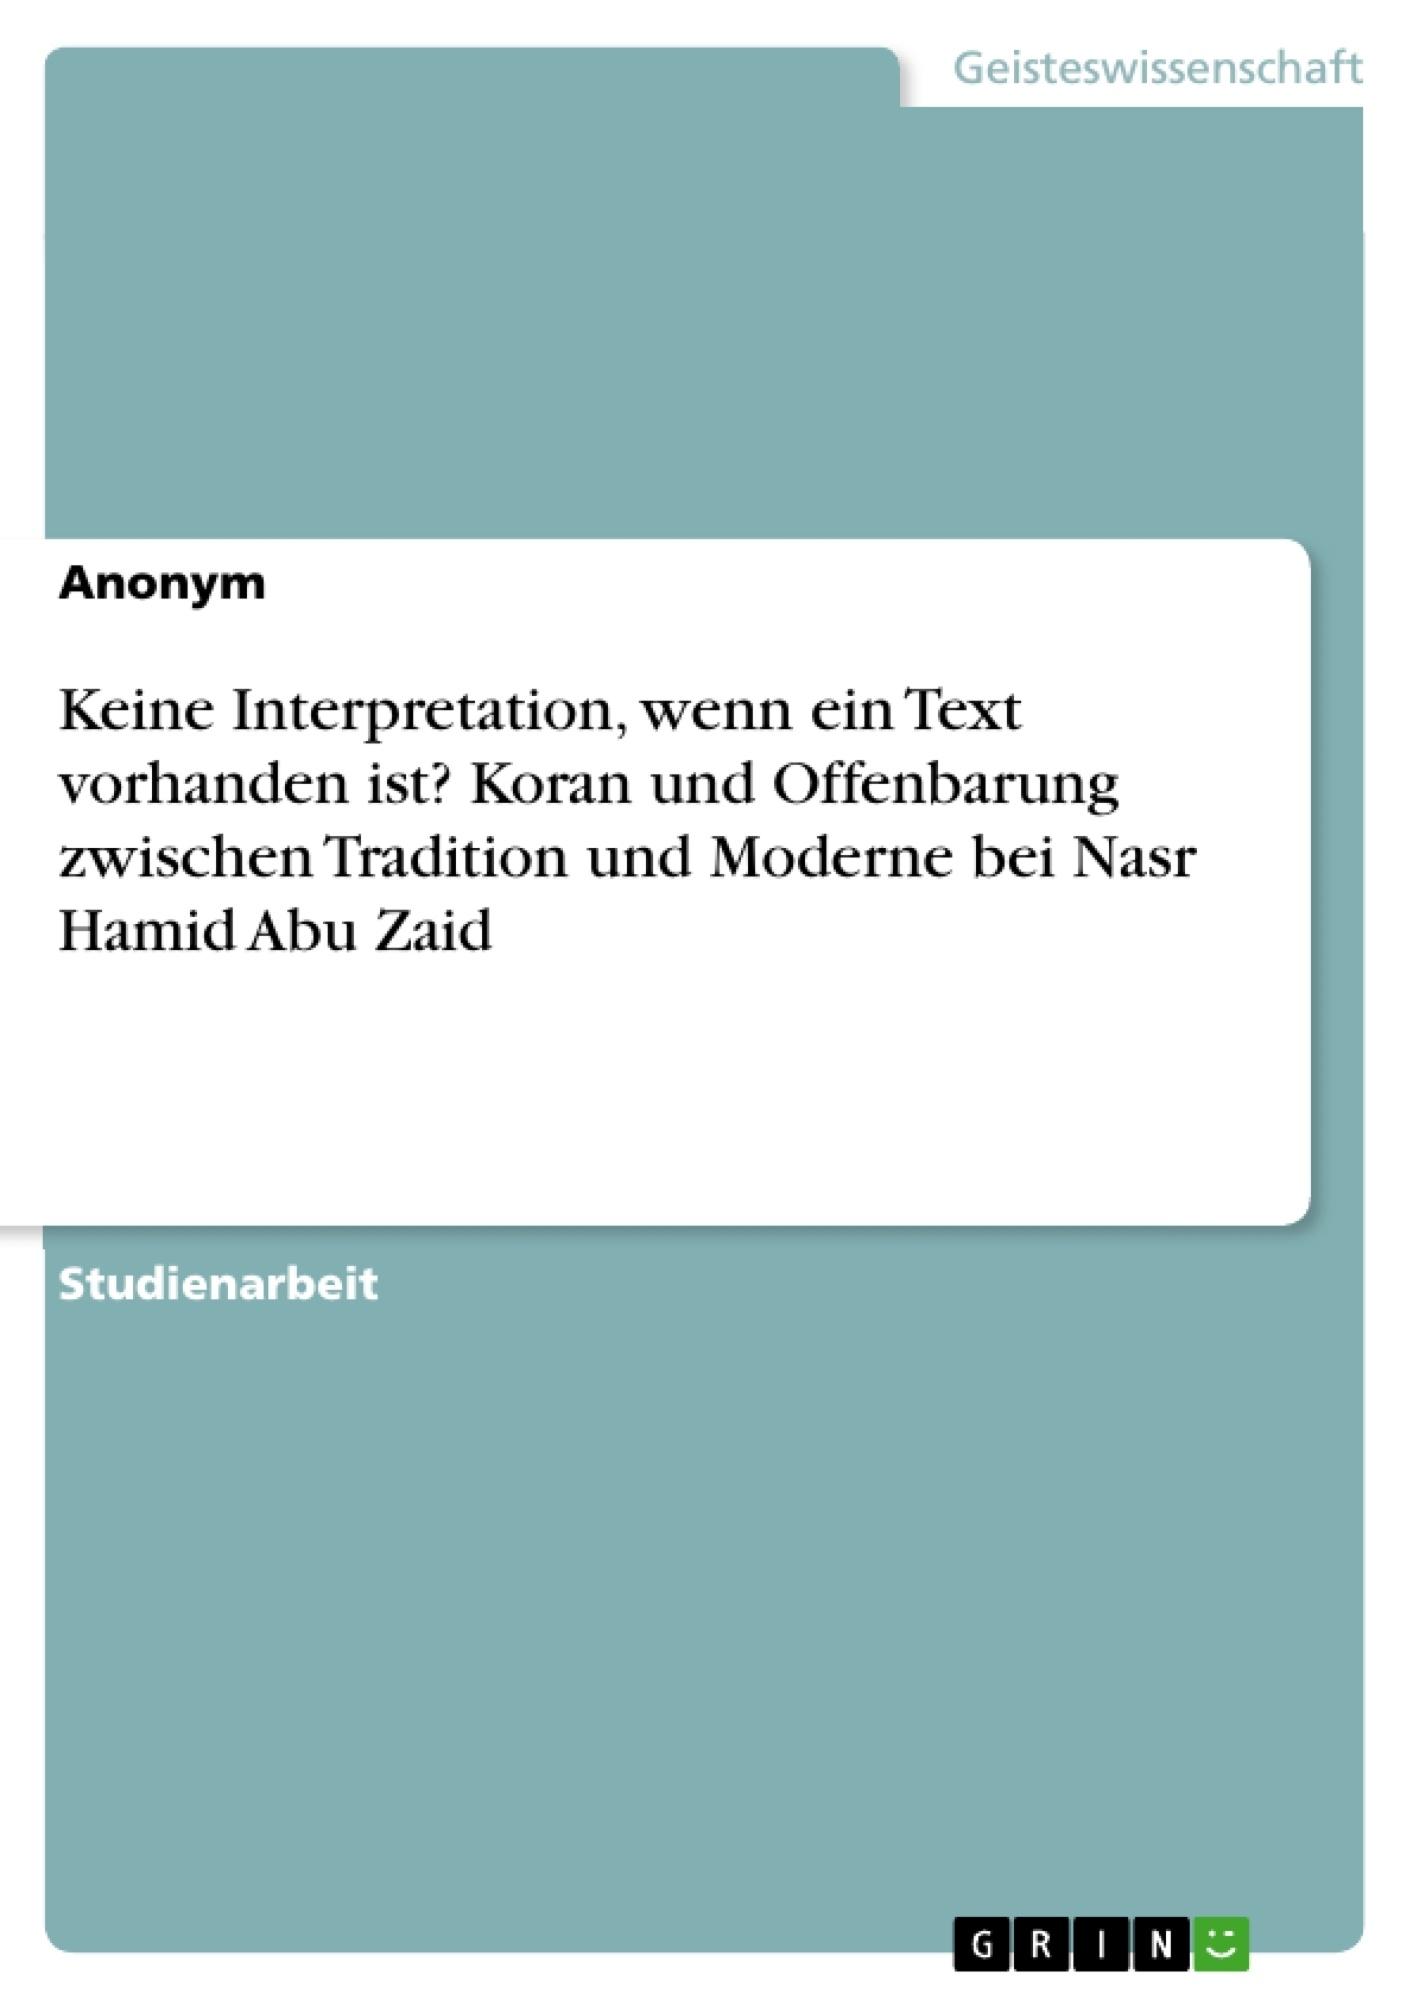 Titel: Keine Interpretation, wenn ein Text vorhanden ist? Koran und Offenbarung zwischen Tradition und Moderne bei Nasr Hamid Abu Zaid